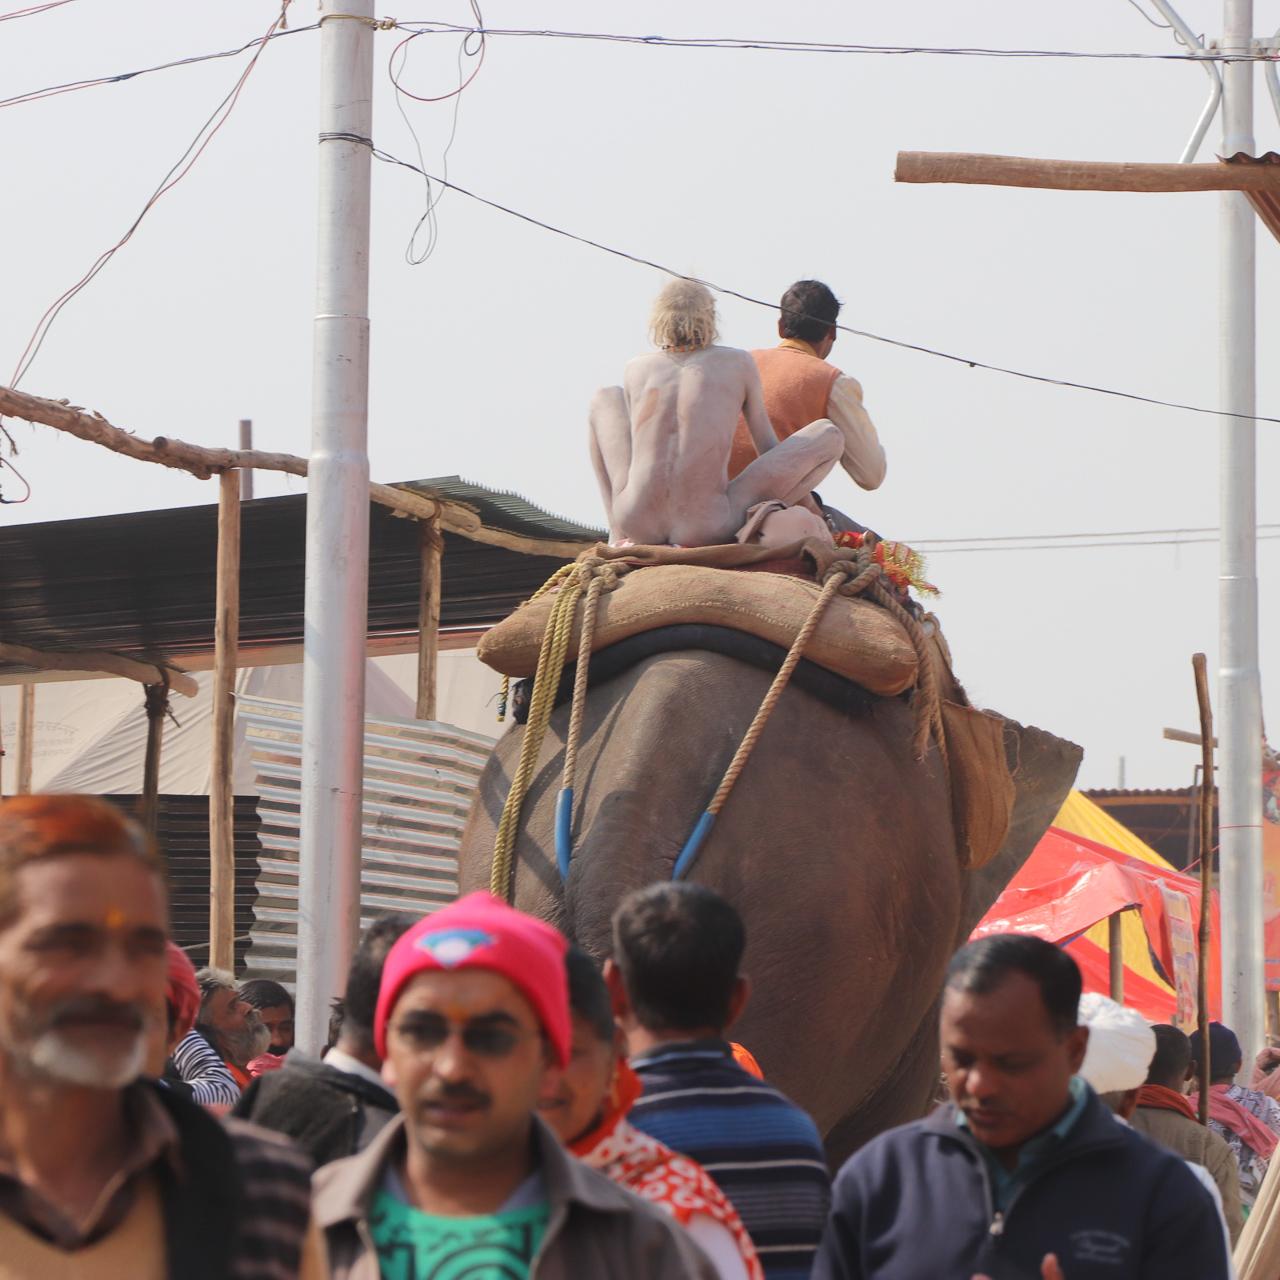 インドのお祭 クンブメーラ 象に乗る裸のサドゥ naga sadhu elephant